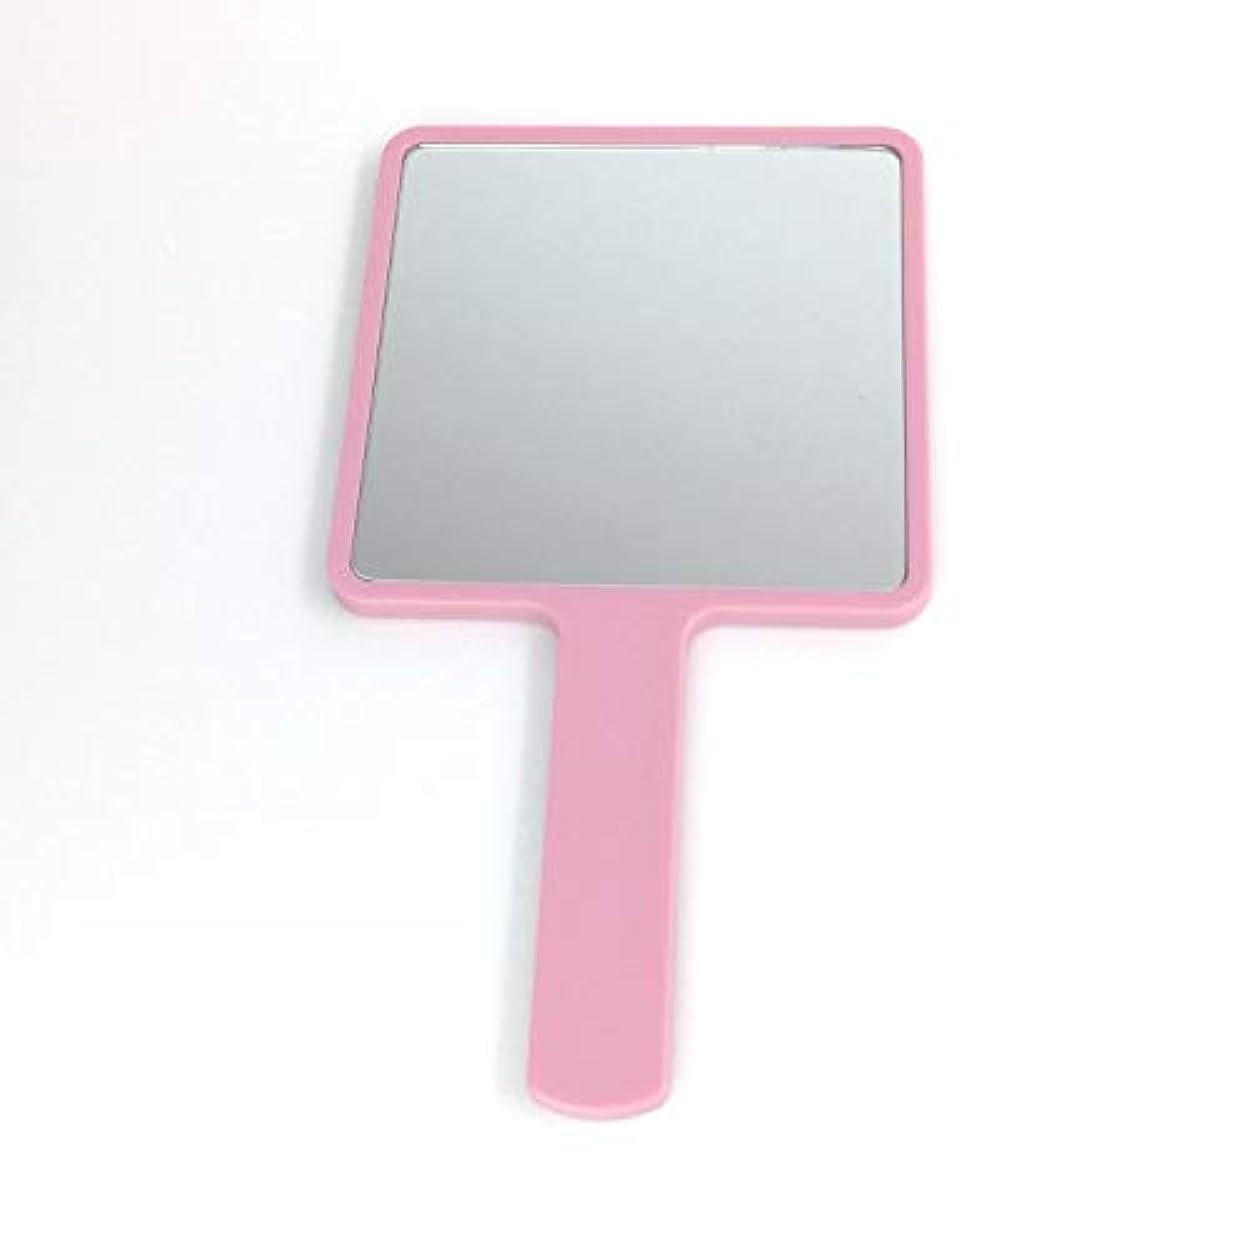 コマース満たすスピーチ3CE ハンドミラー M 薄ピンク 1個 (並行輸入品)